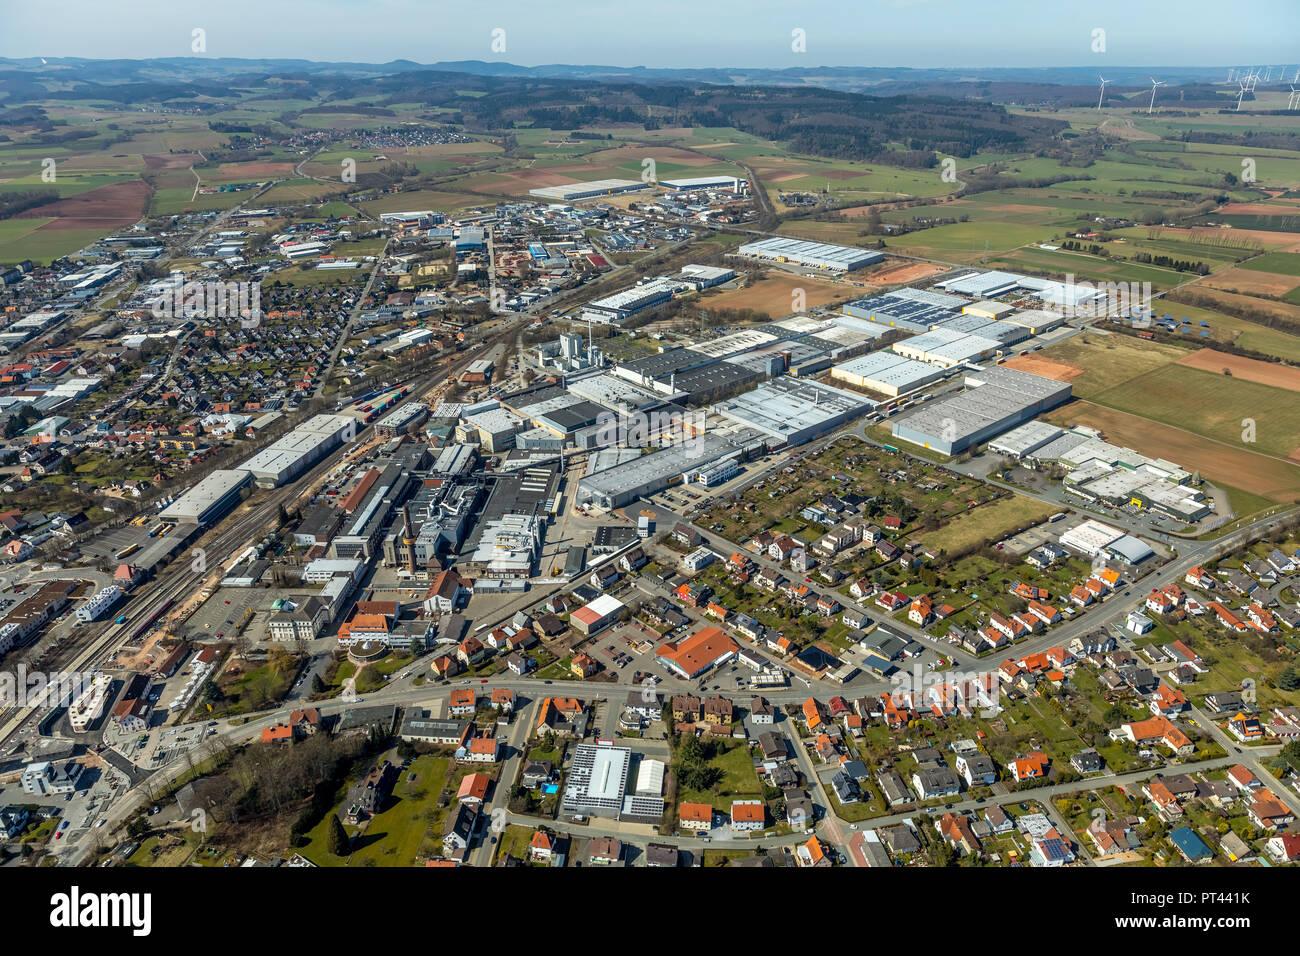 Continental Reifen Deutschland GmbH Korbach plant, Waldeck